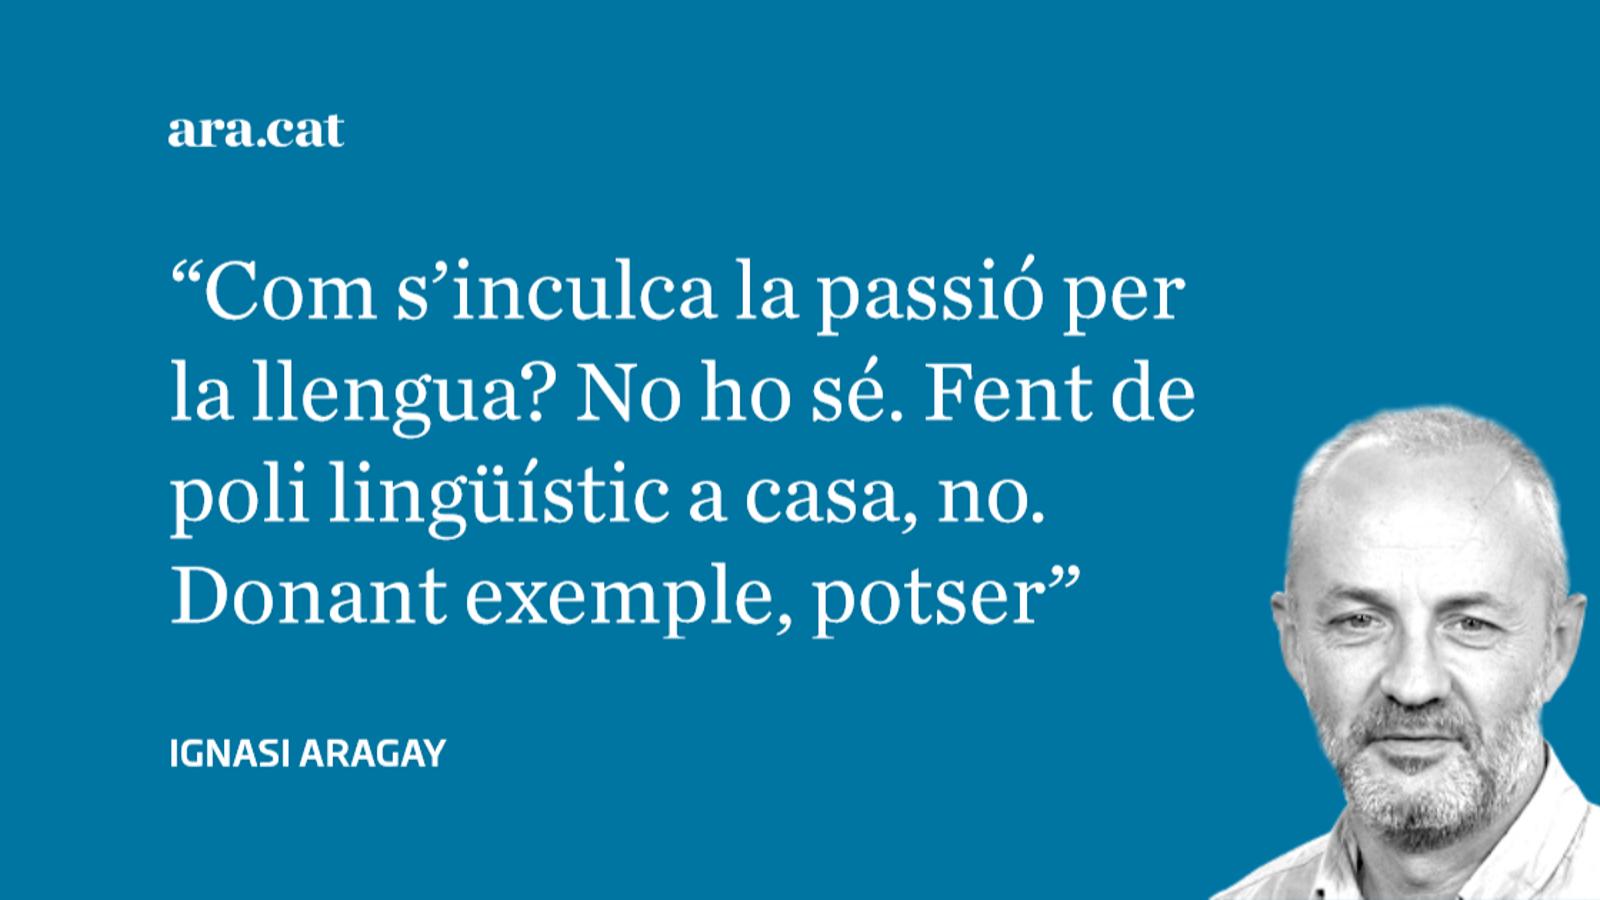 El 'catanyol' campa alegrement: no sé si ho 'pilleu'